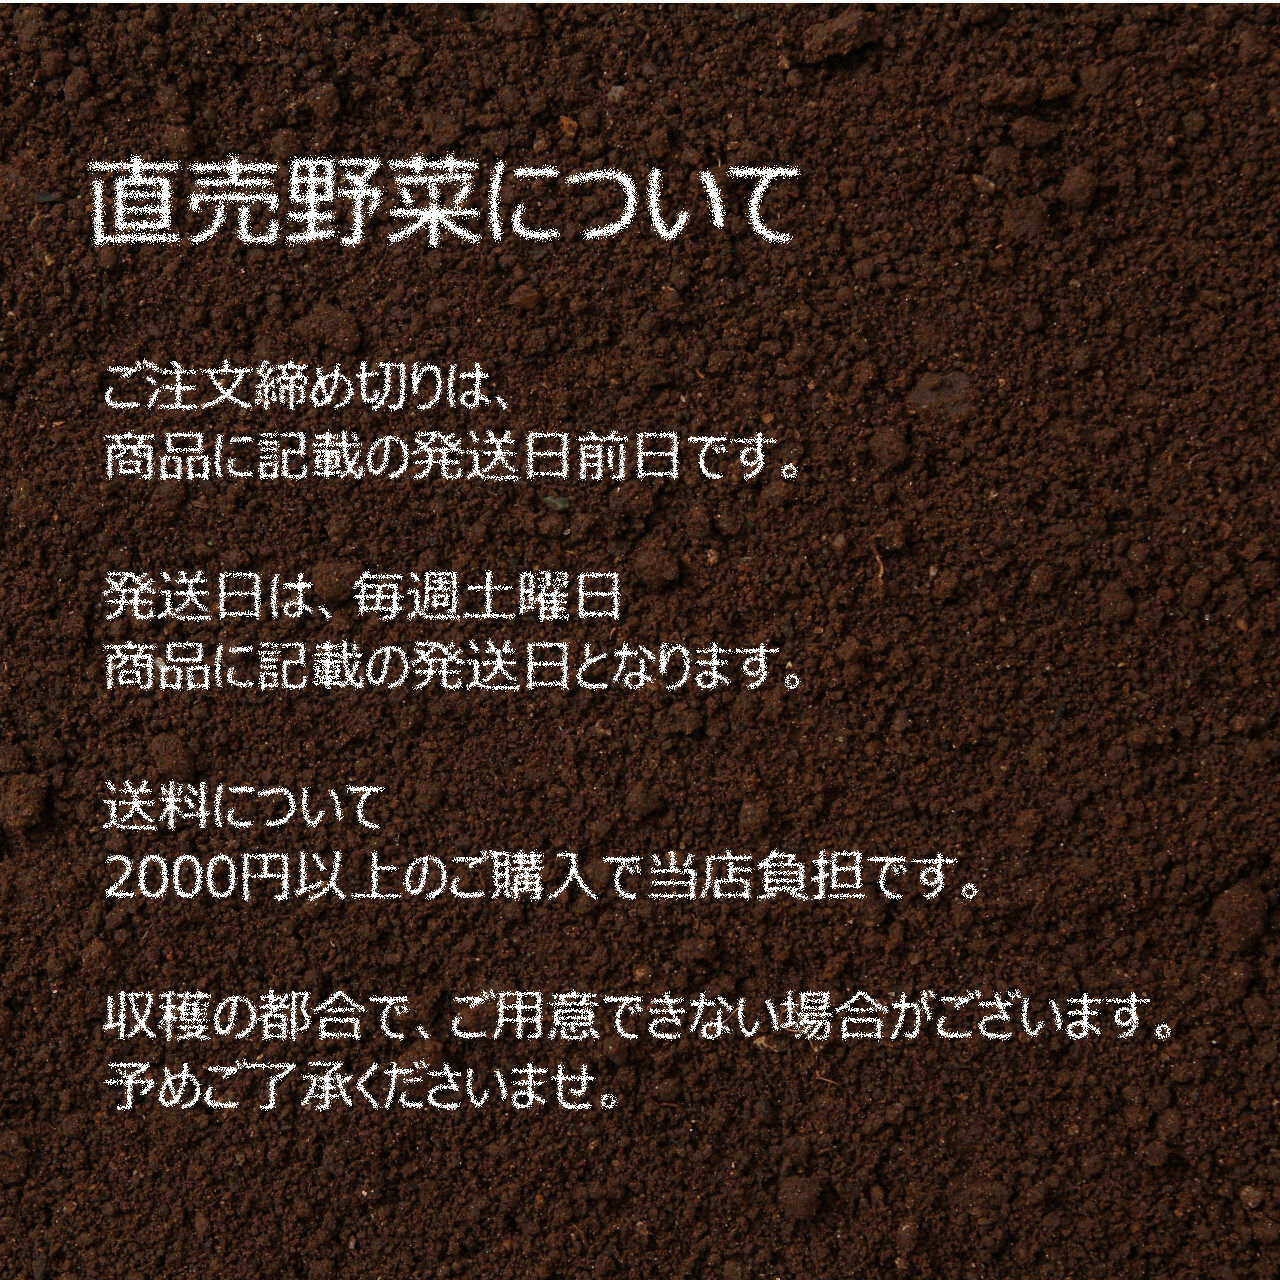 8月の朝採り直売野菜 : ネギ 3~4本 新鮮な夏野菜 8月24日発送予定